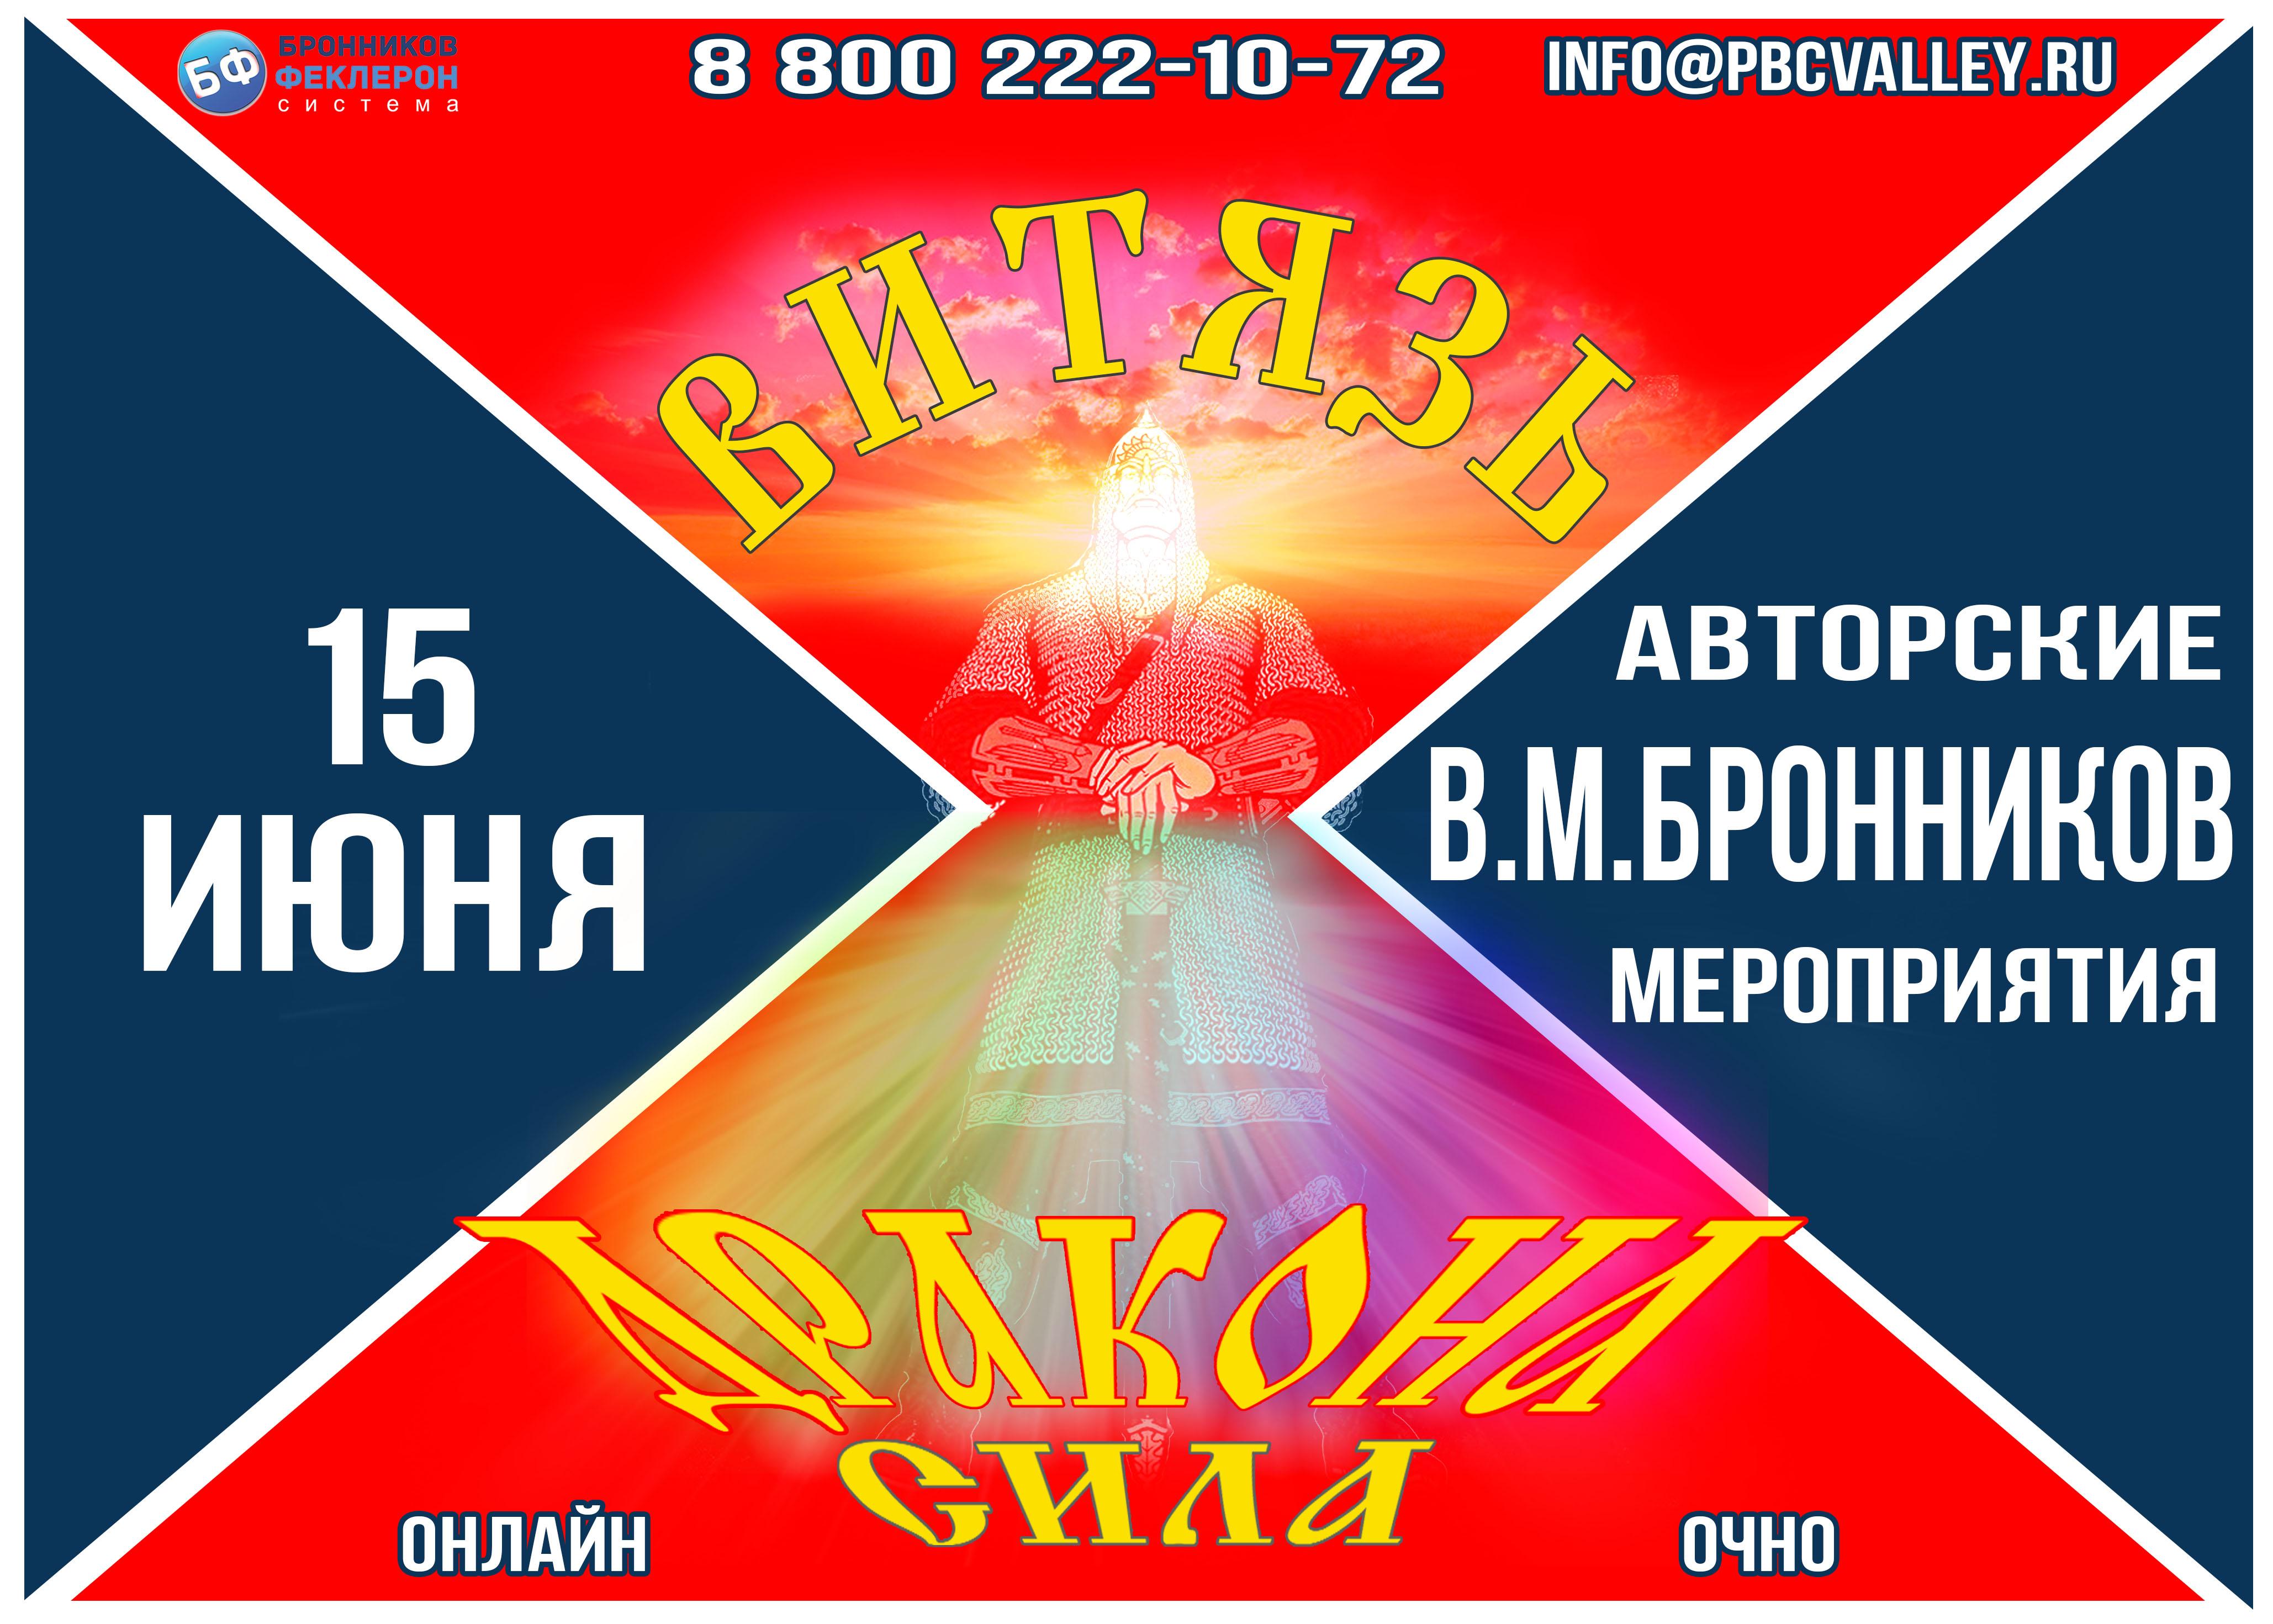 Авторские мероприятия 15 июня 2019 «Витязь. Сила Дракона»